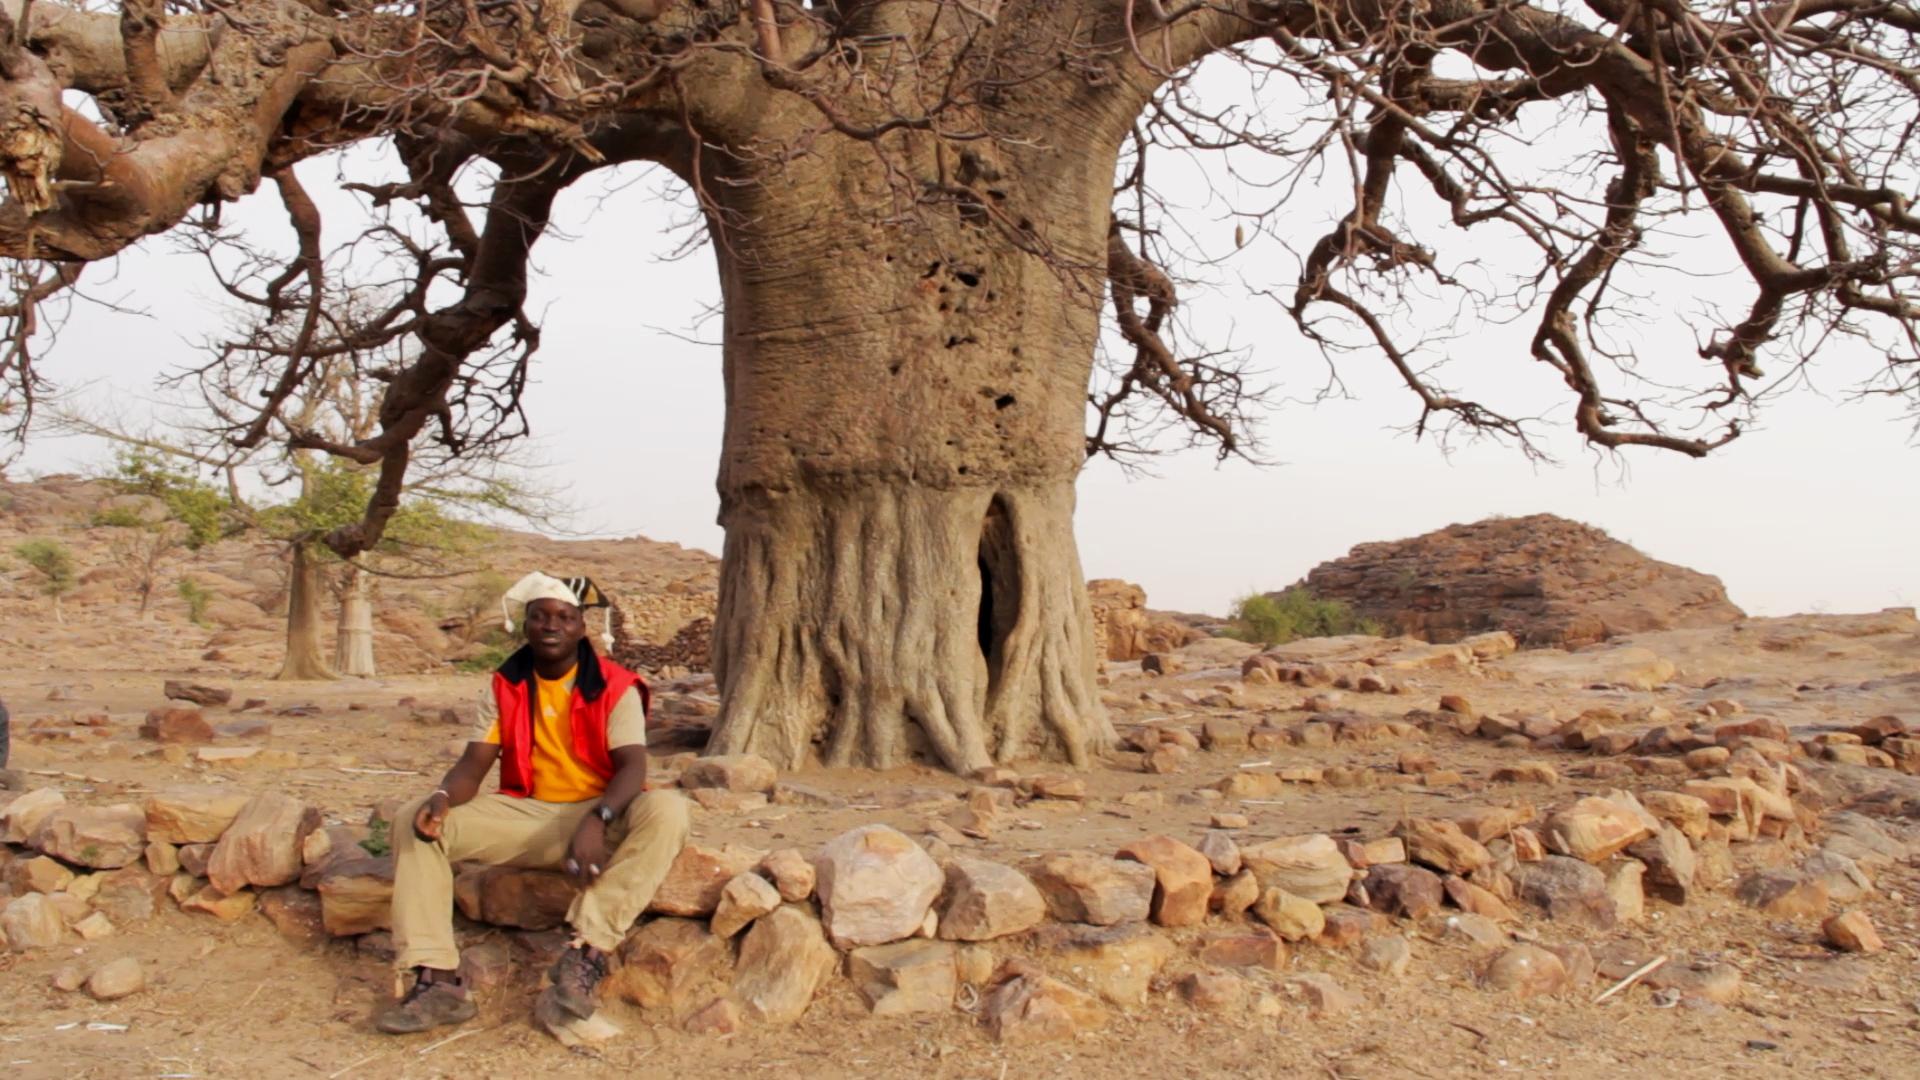 djibril kassogue baobab pablocaminante - Malí 6, País Dogon III: Falla de Bandiagara